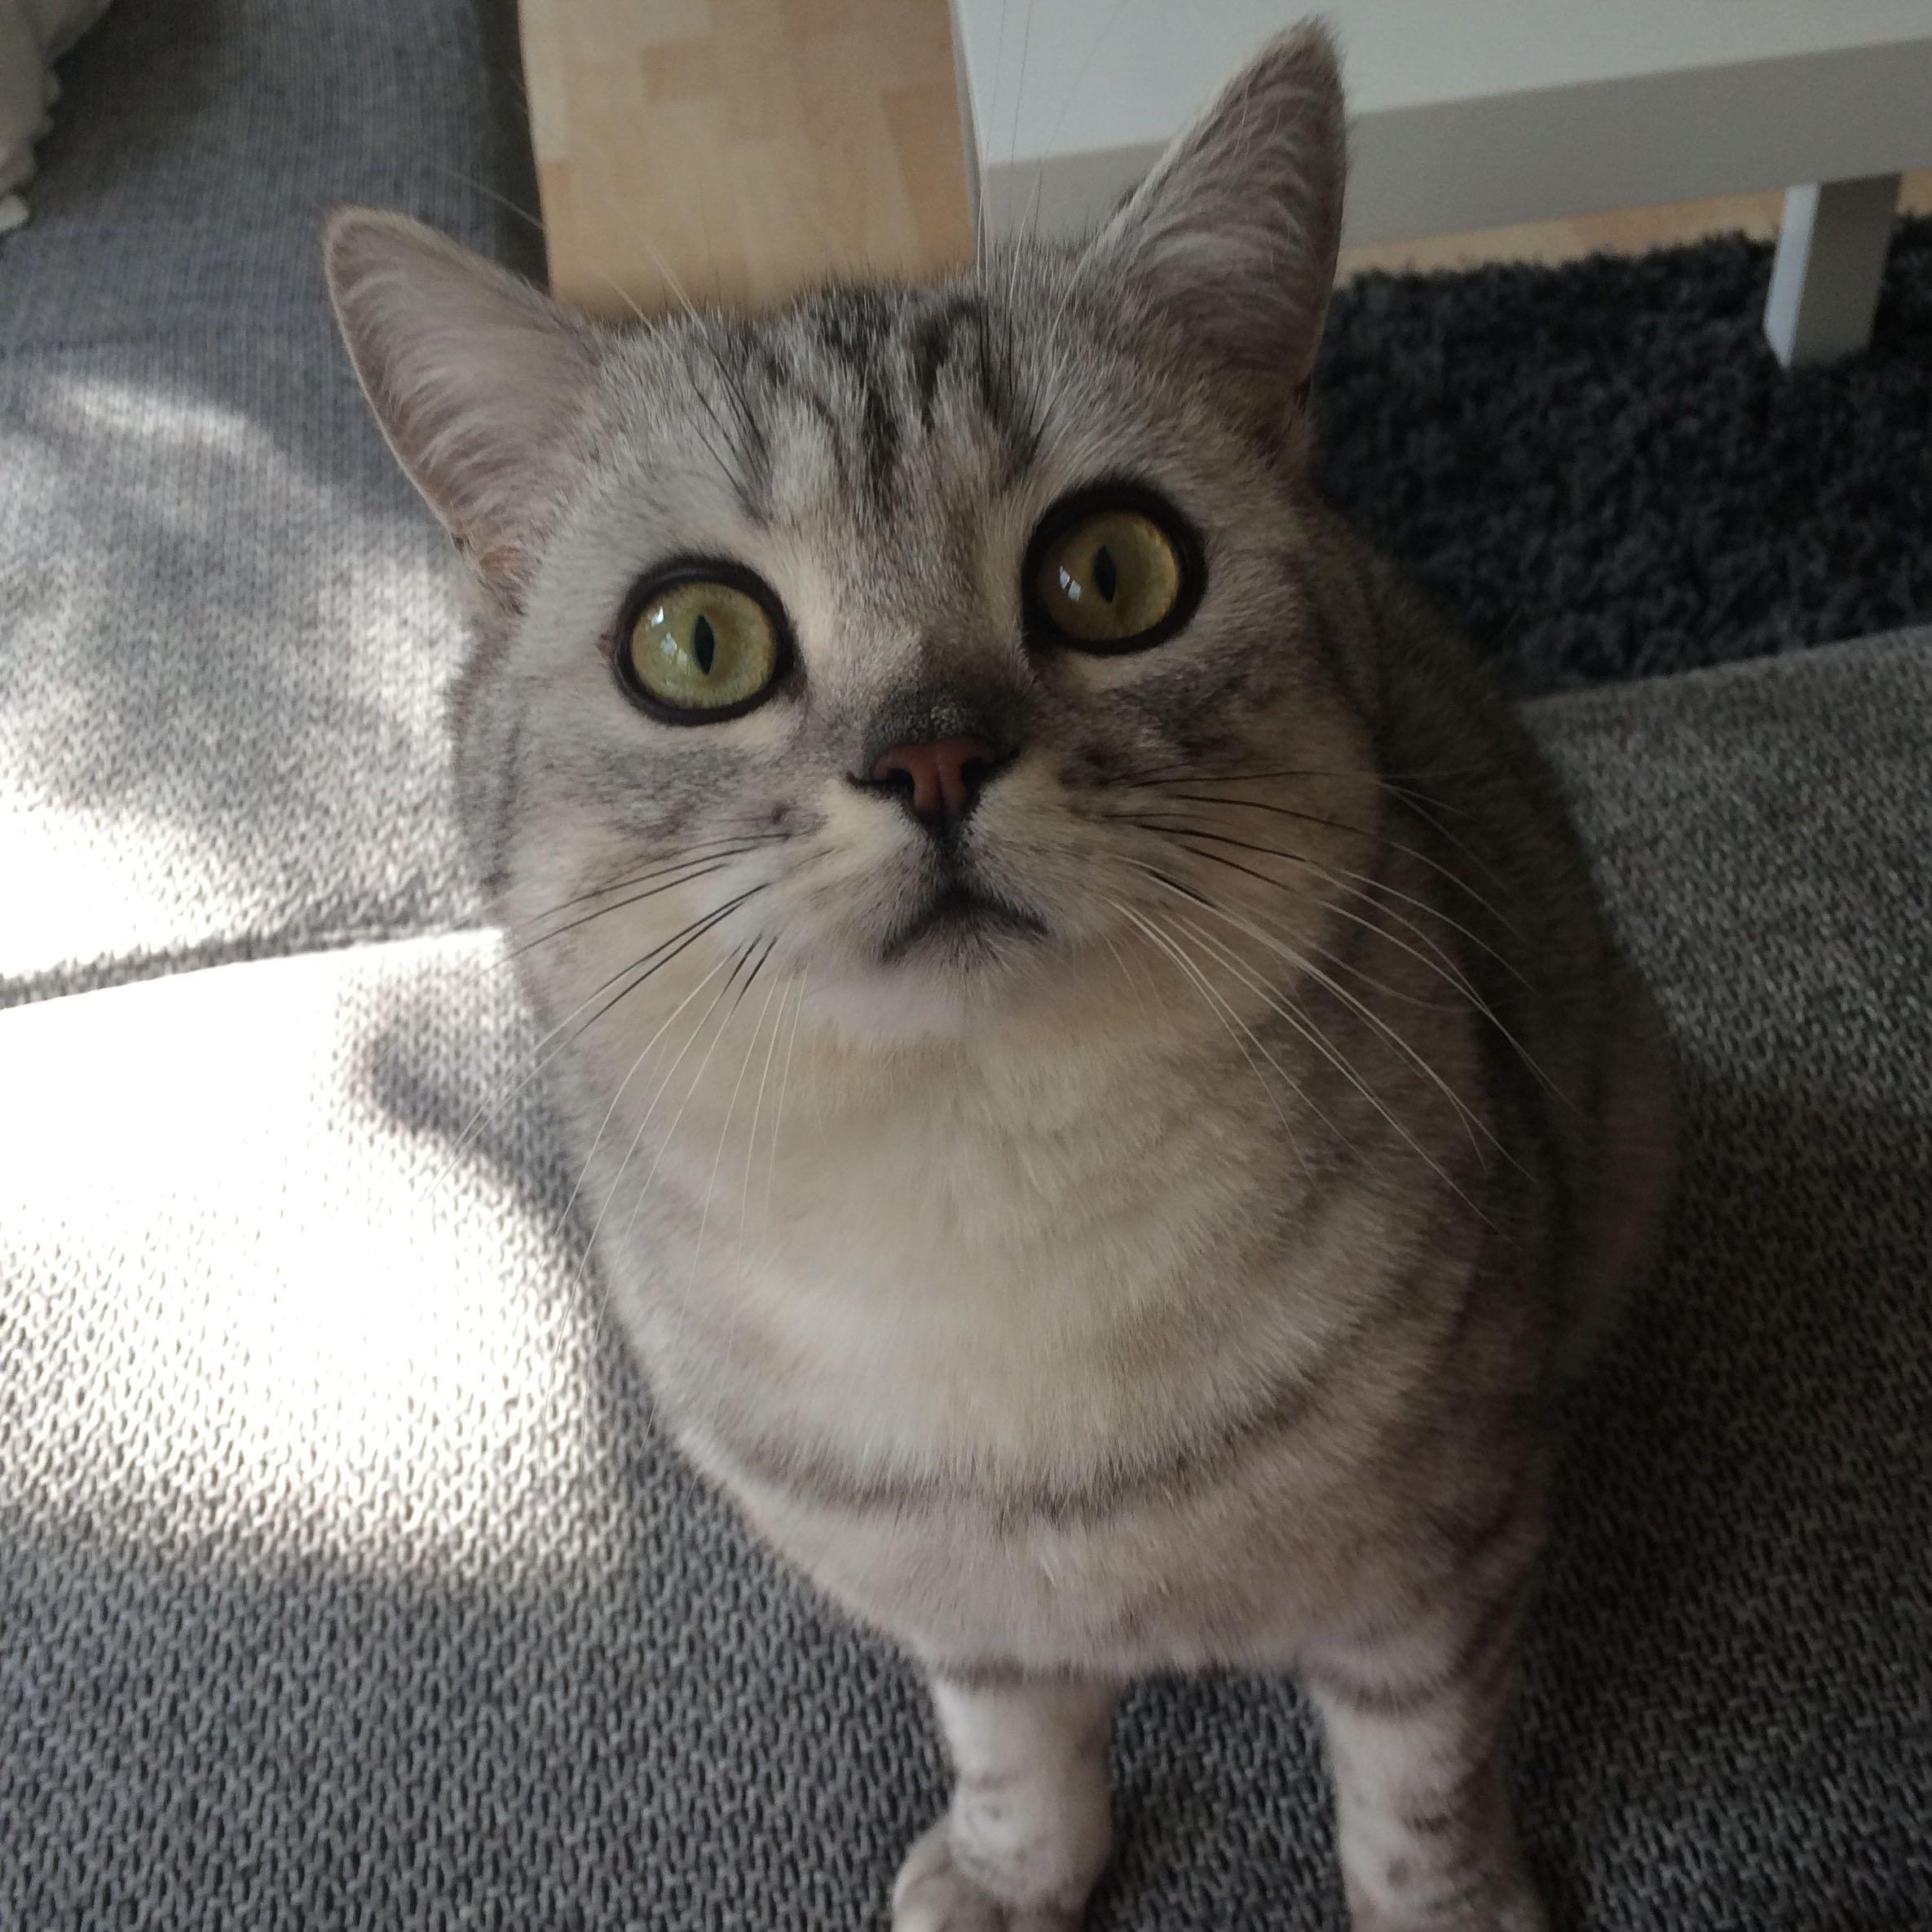 Neue Katze Miaut Ständig